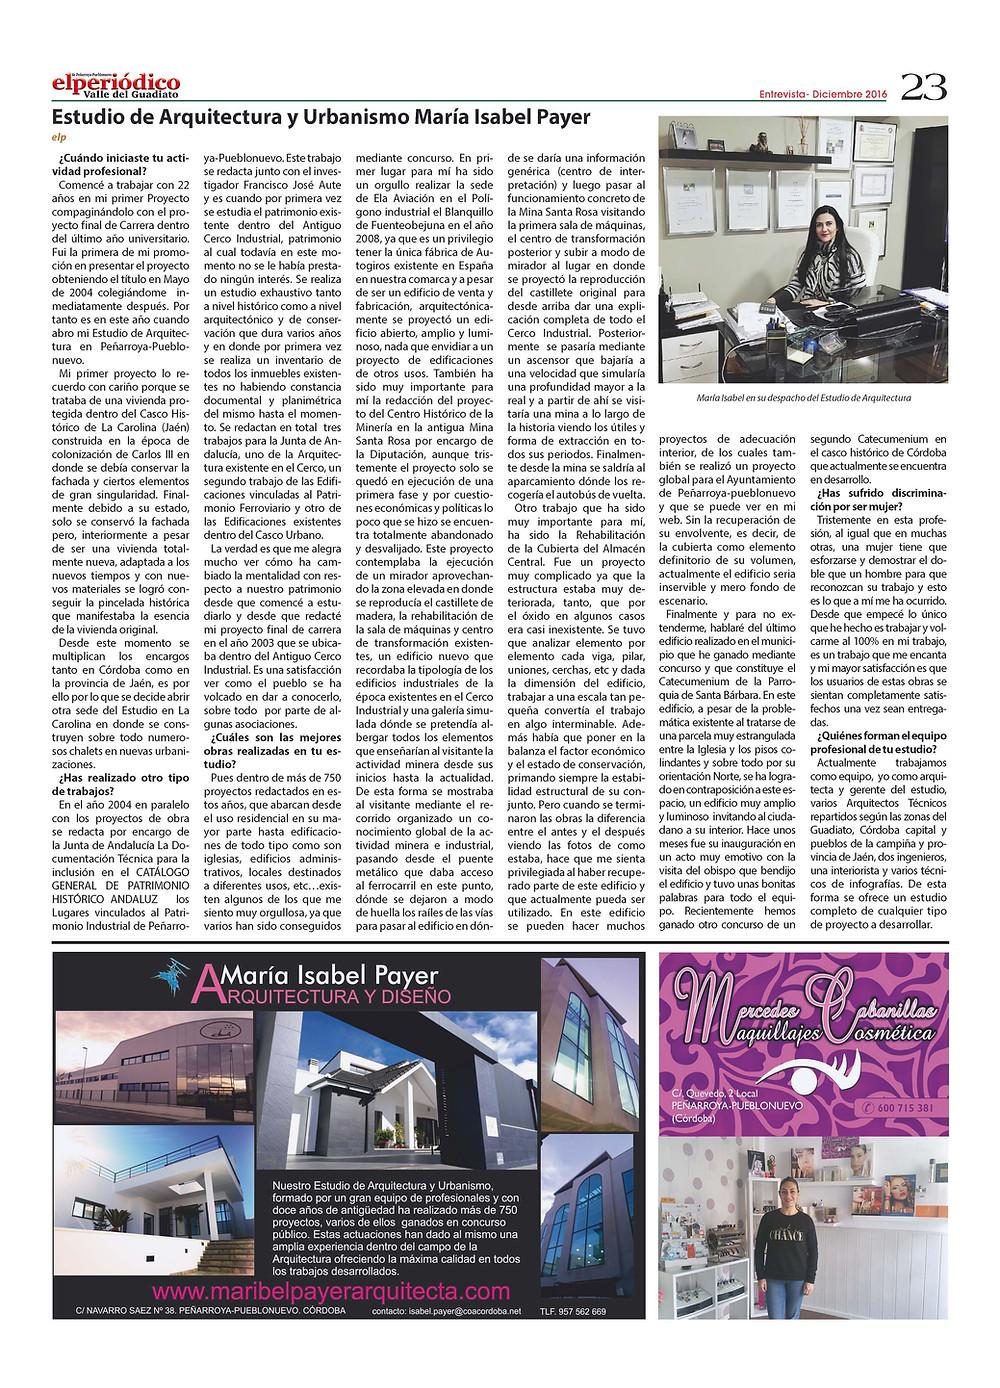 Entrevista realizada a María Isabel Payer por el Periódico Comarcal del Valle del Guadiato, Córdoba.